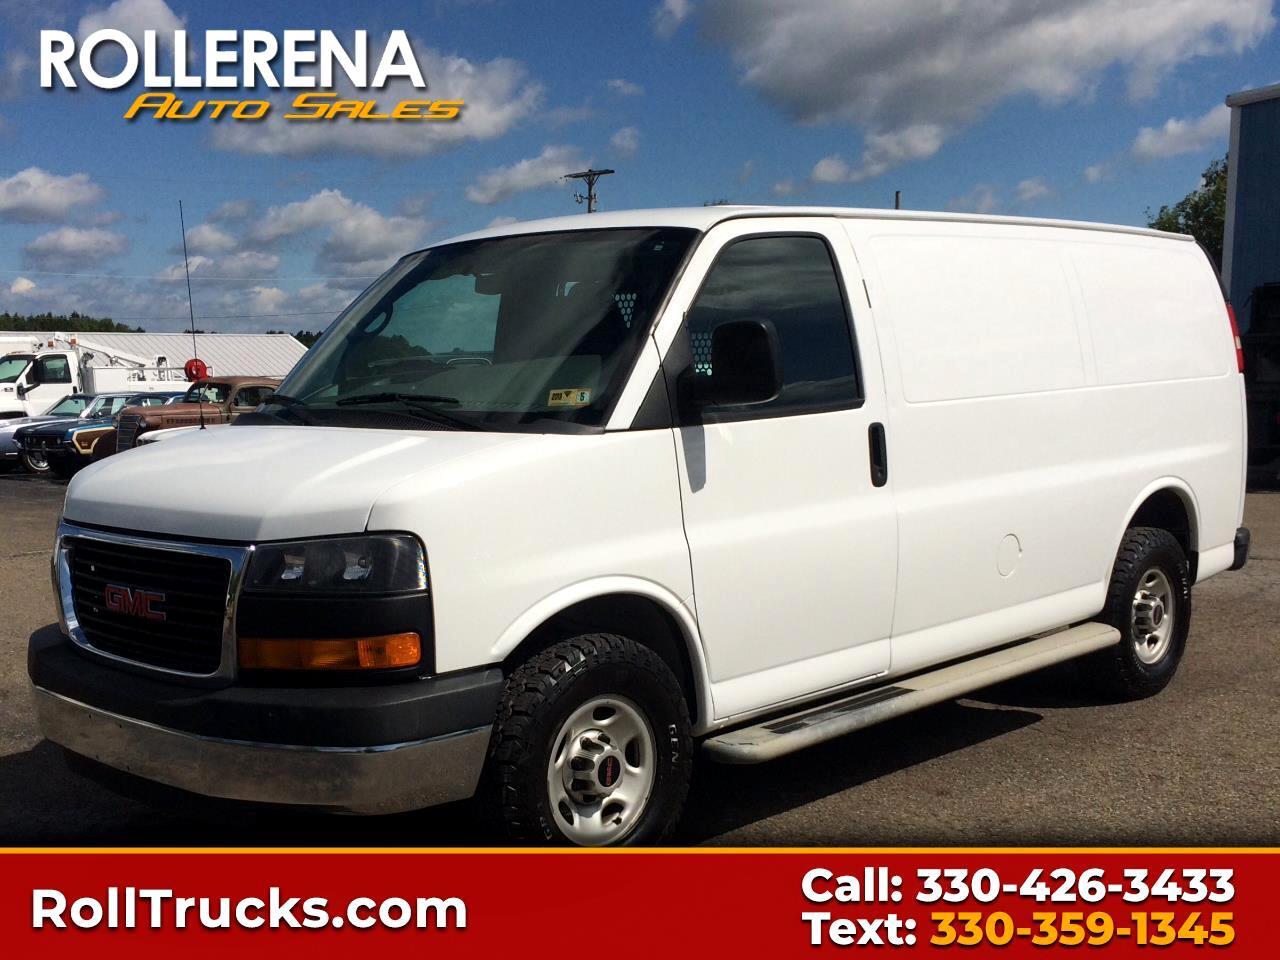 2014 GMC 2500 Cargo Van RWD